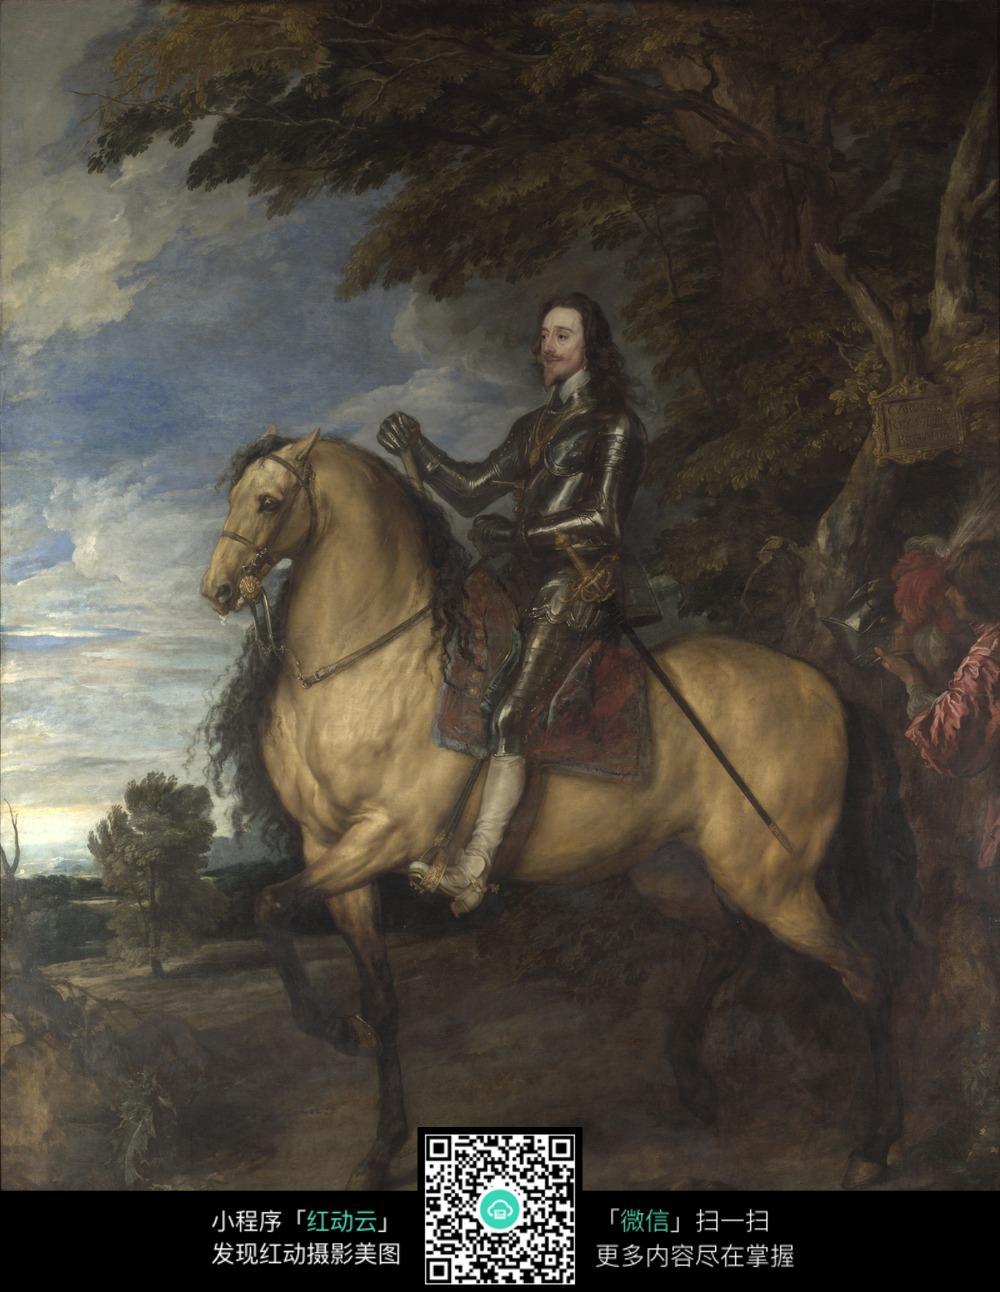 油画 插画 装饰画 无框画 欧式 挂画 手绘 文艺复兴时期  人物